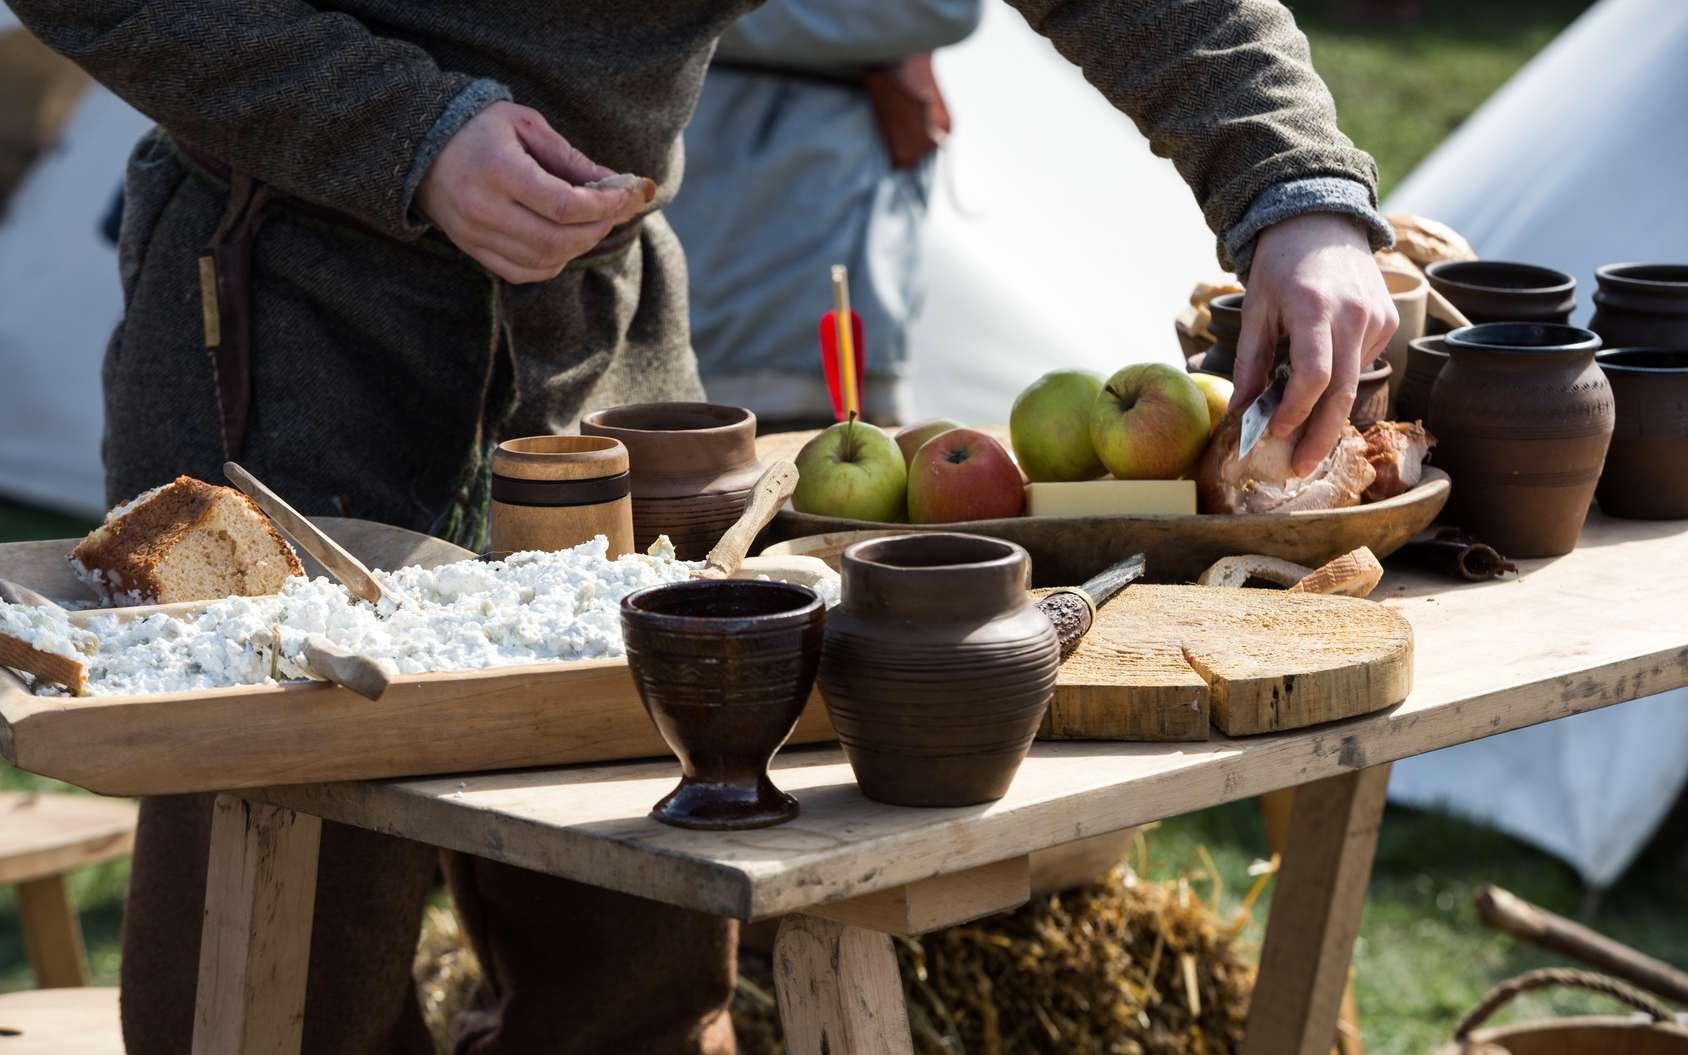 Le blé est très utilisé dans la cuisine du Moyen Âge, surtout chez les pauvres. © wjerek, Fotolia